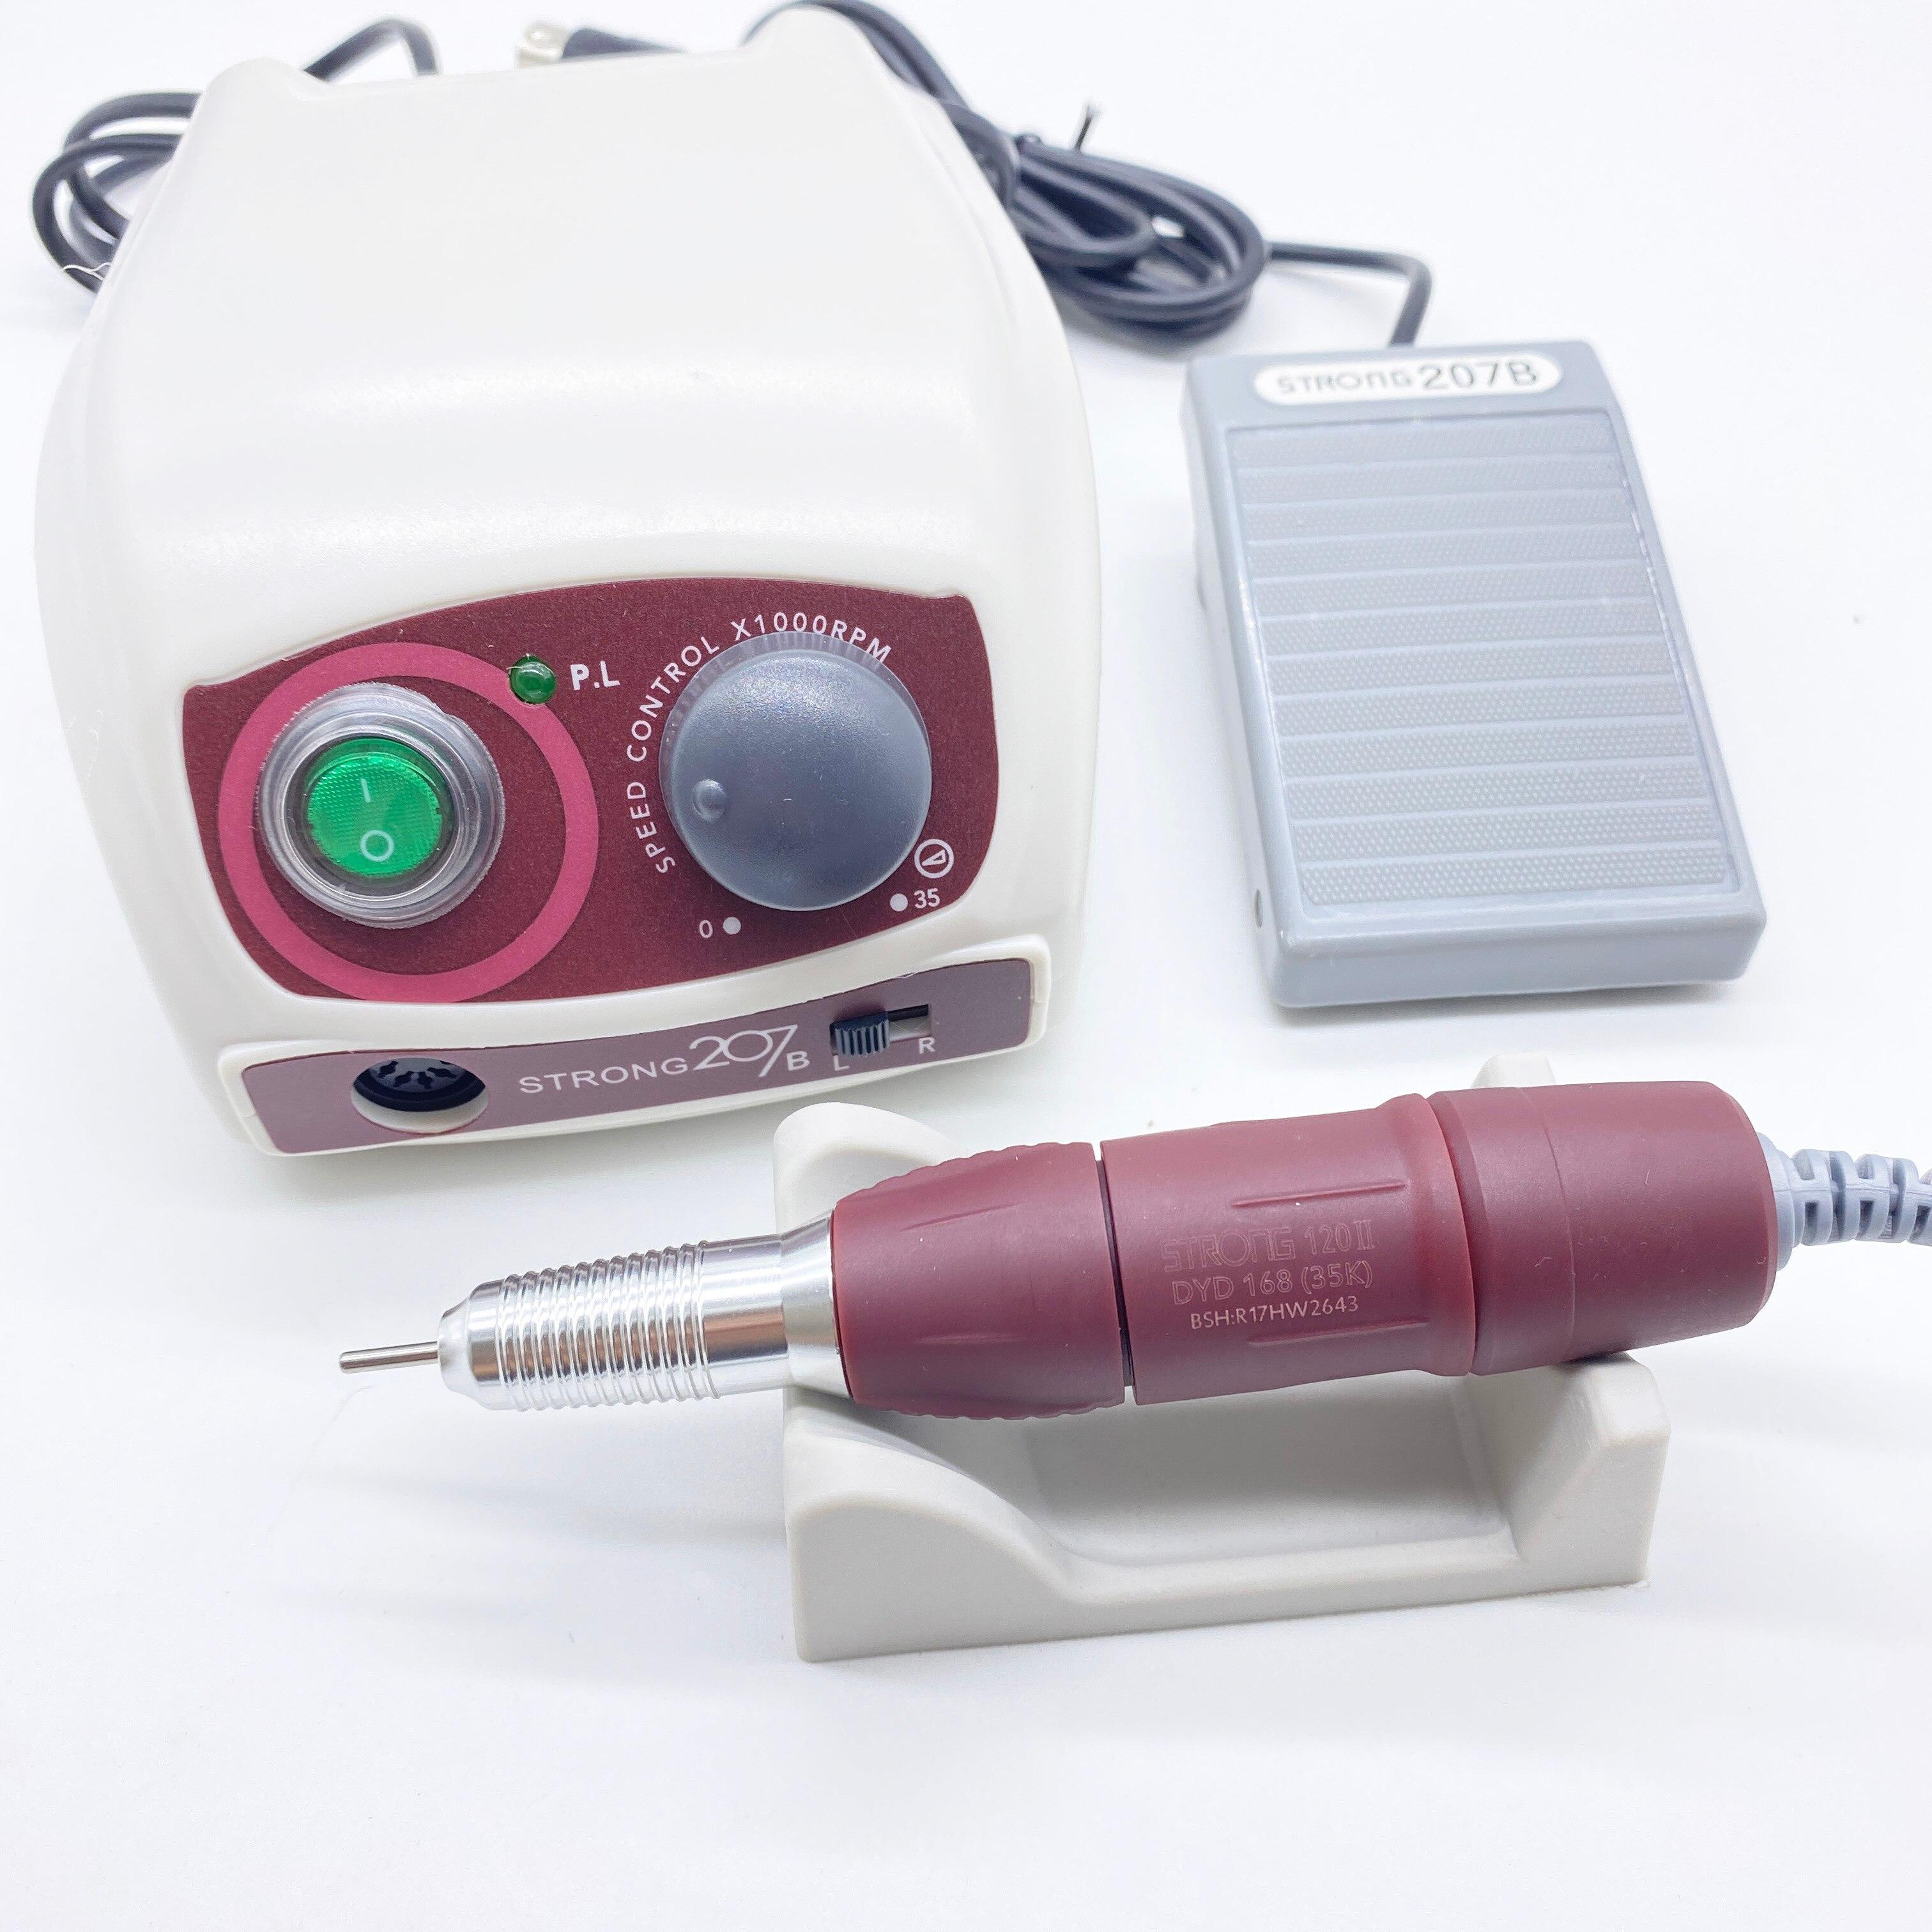 forte 207b eletrica prego broca 65w 35000 maquina de trituracao para manicure pedicure prego broca aparelho